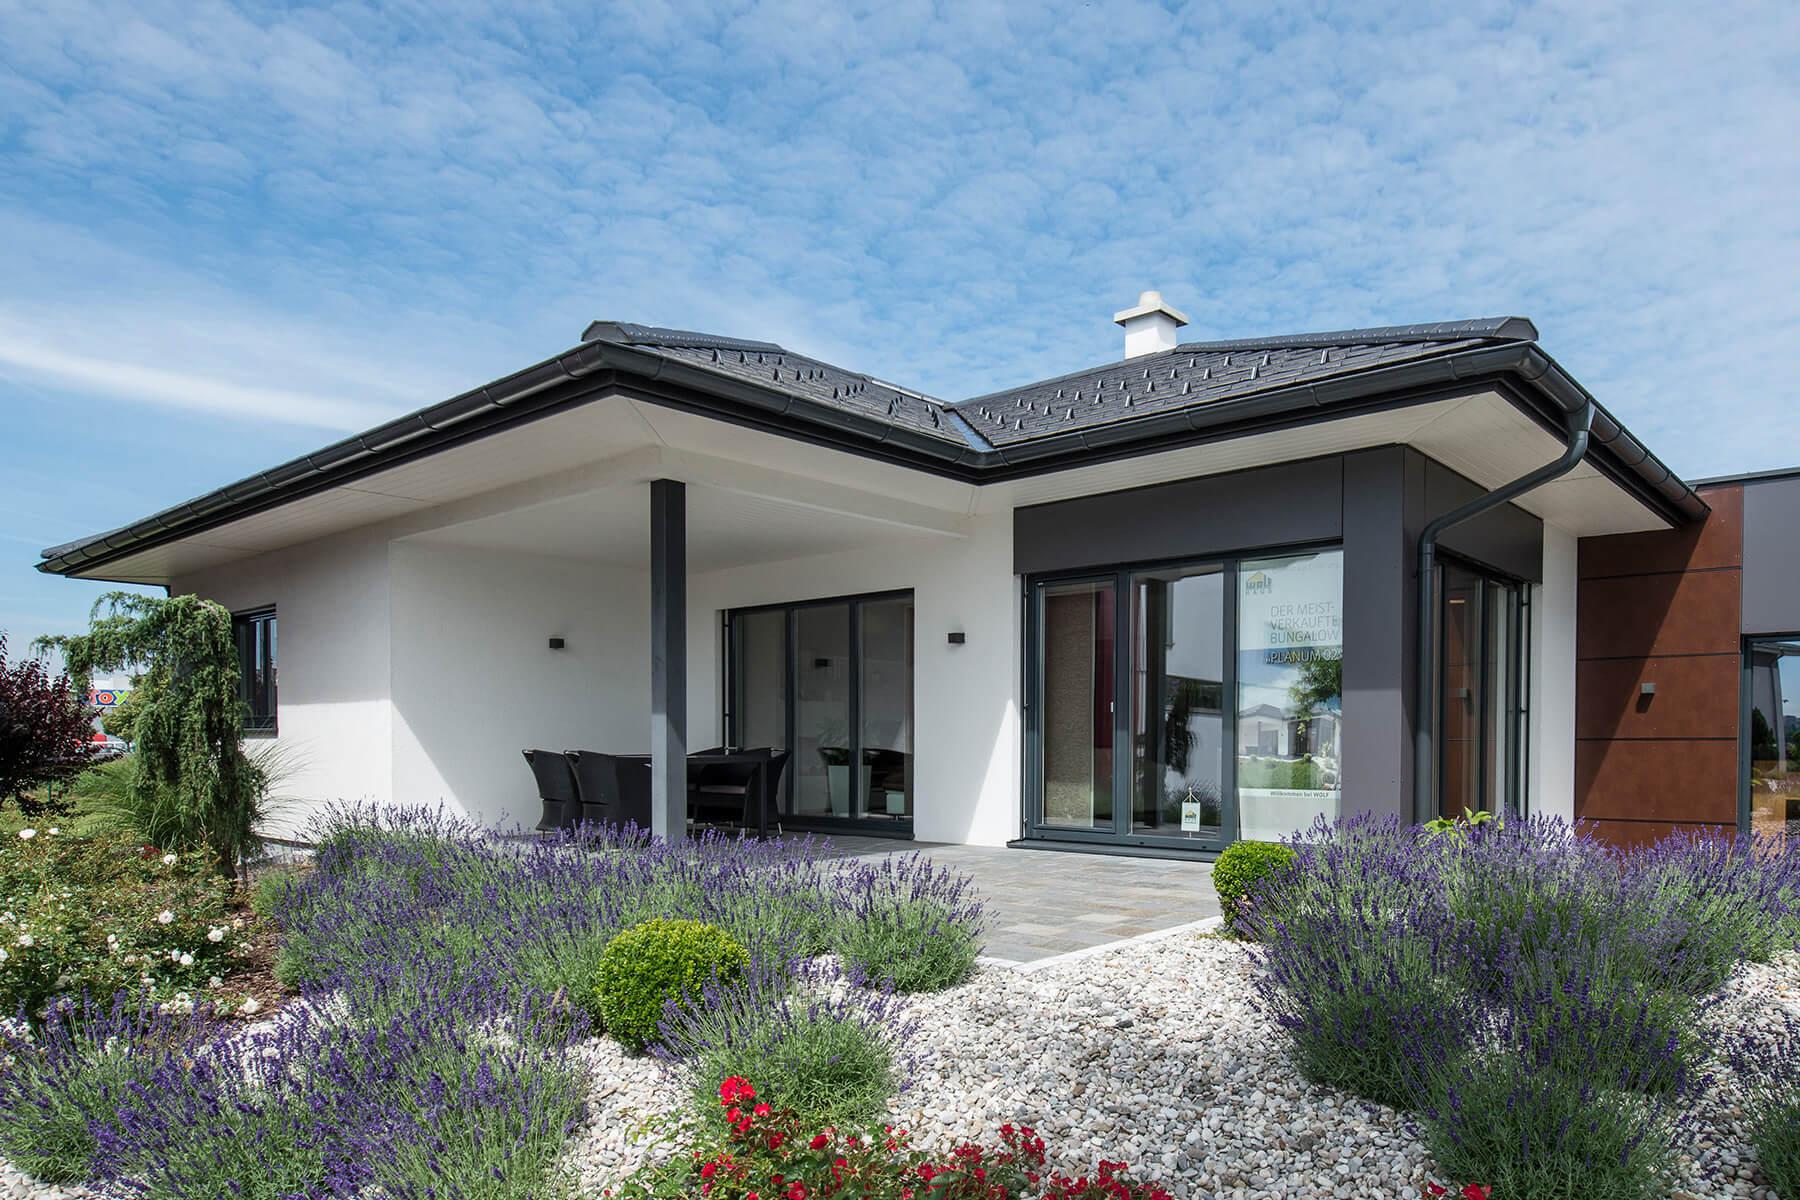 Musterhäuser Fertighaus österreich Bungalow Wolf Haus